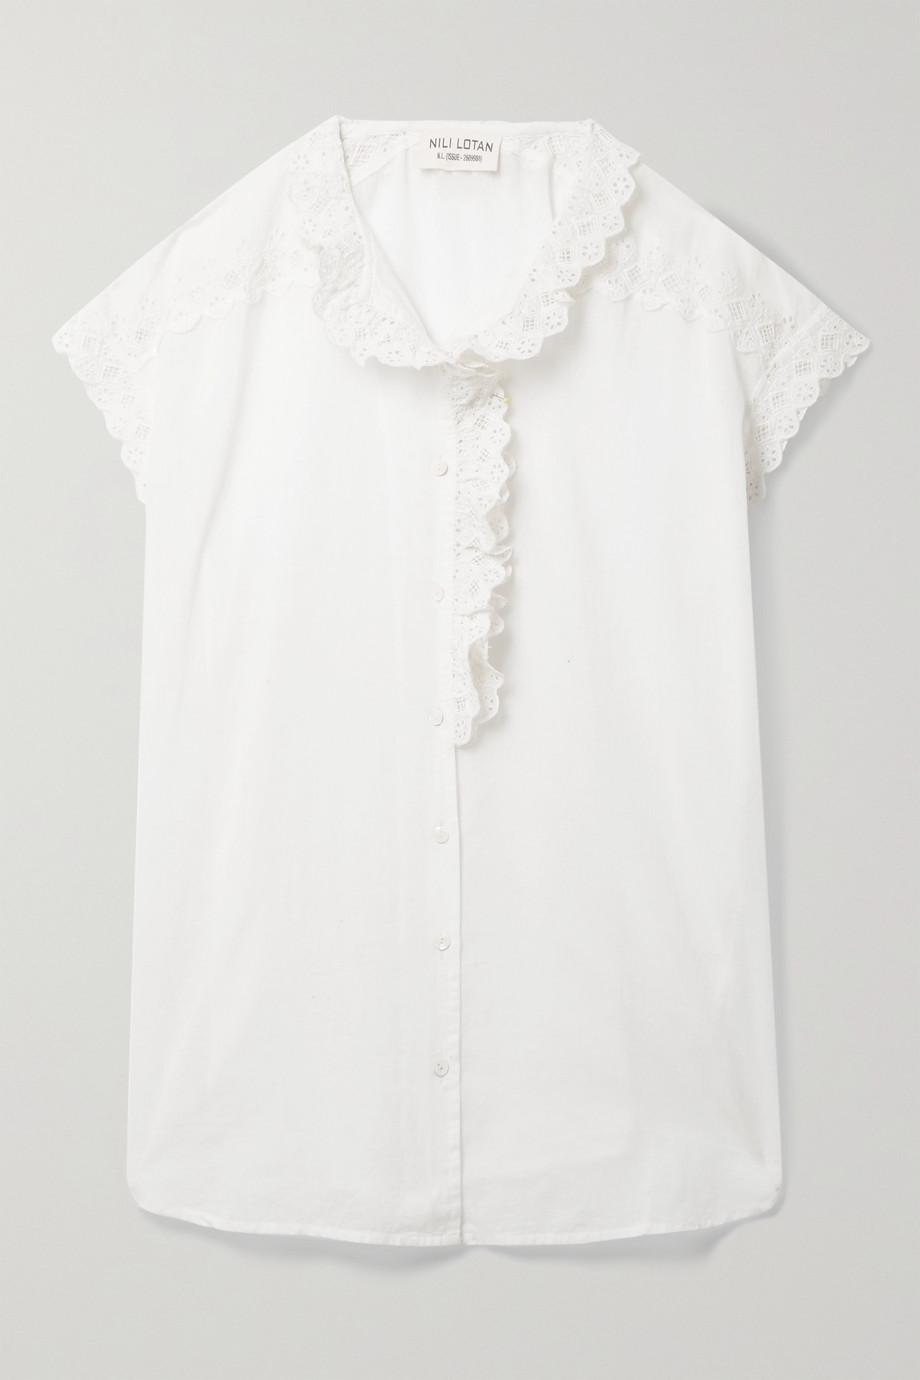 Nili Lotan Leanne lace-trimmed cotton-voile top